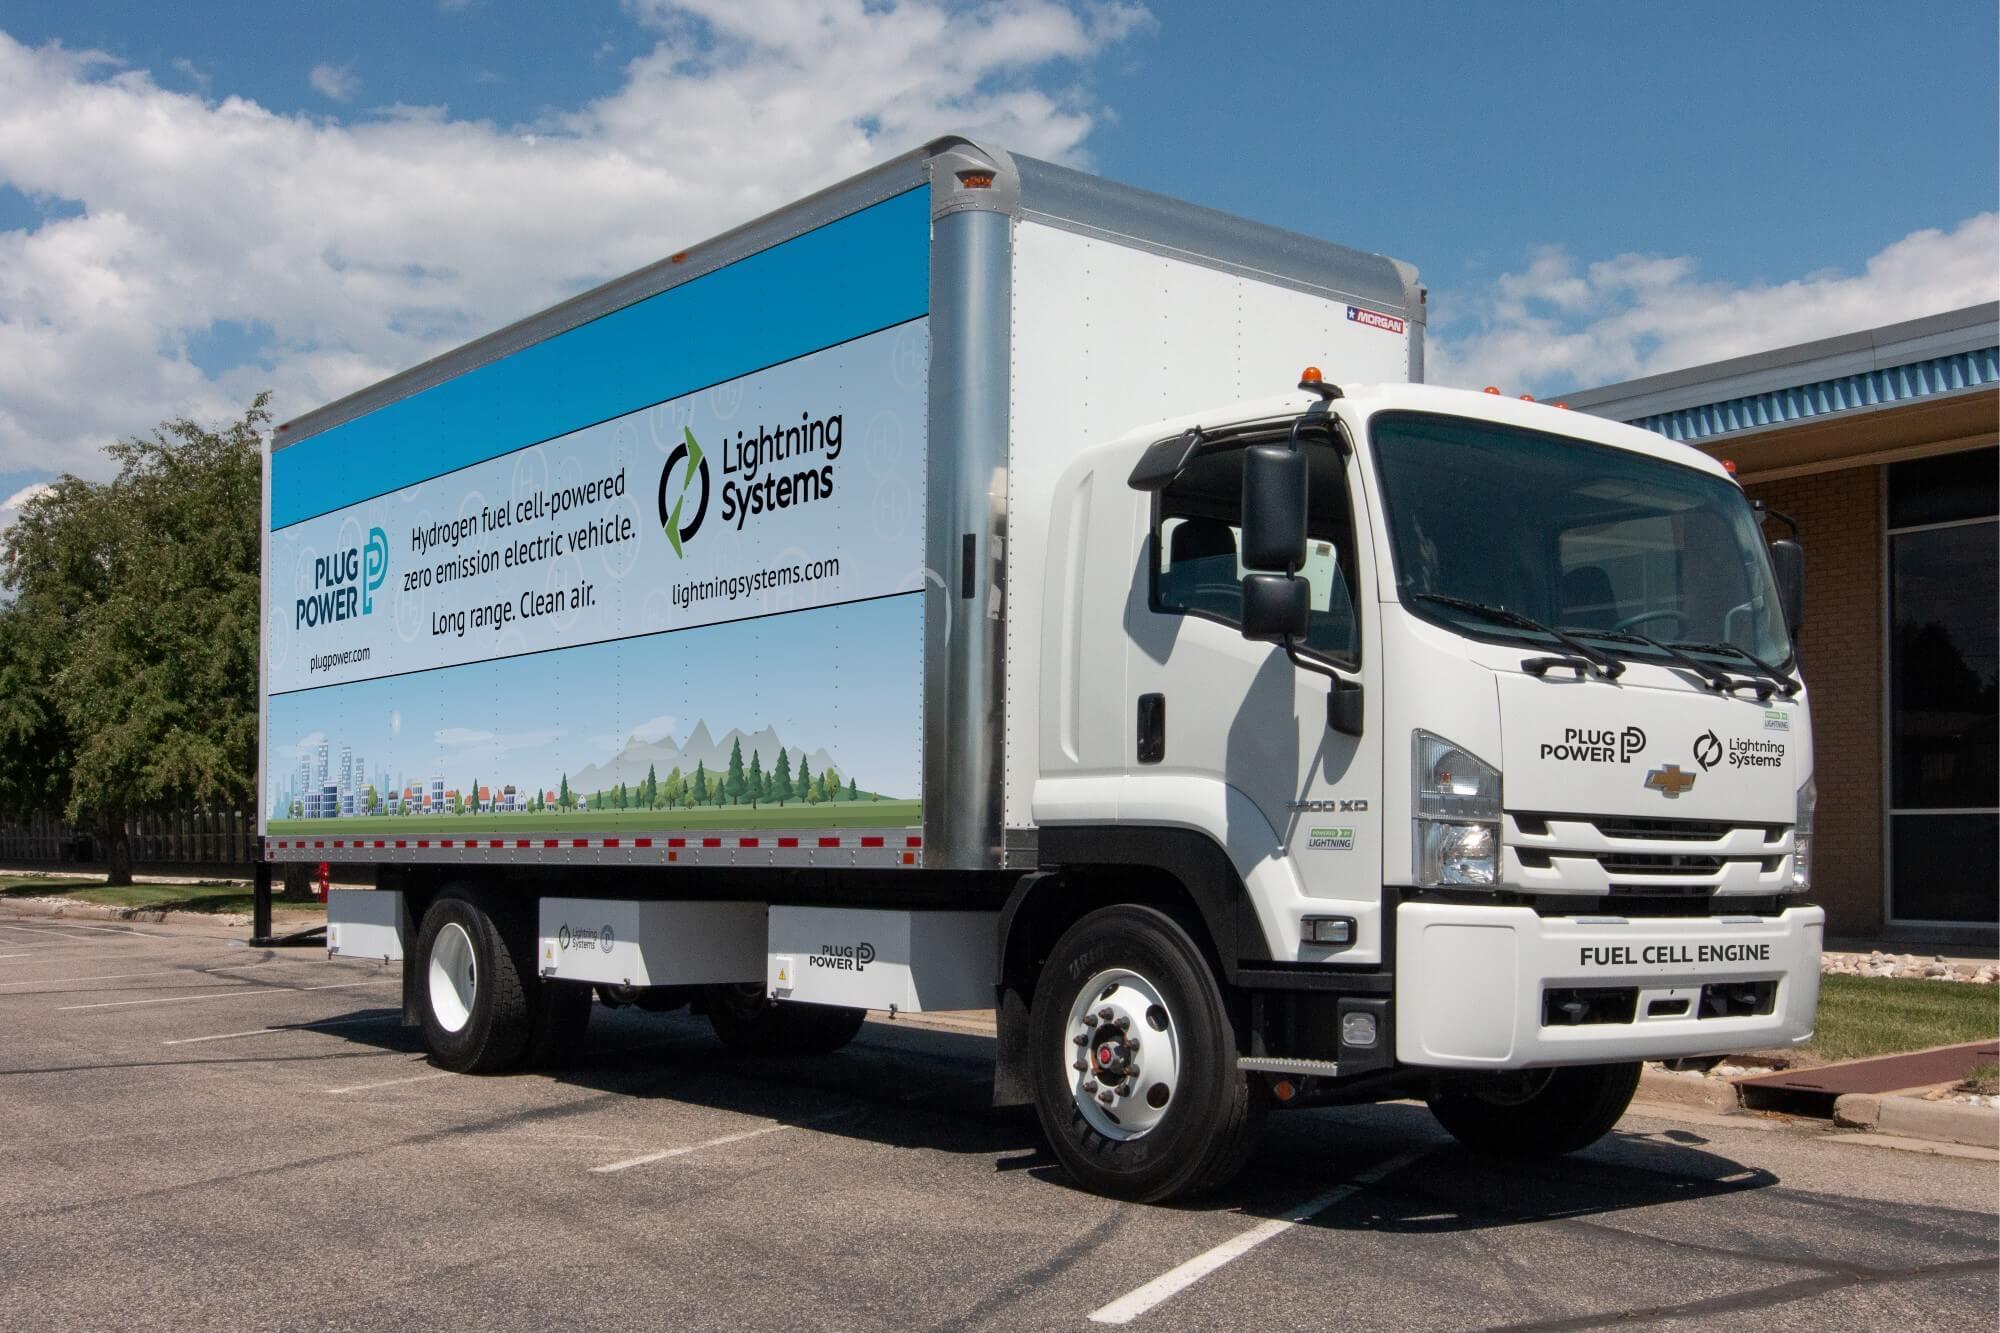 Plug Power startet Kooperation für Brennstoffzellen Elektro-Lkw